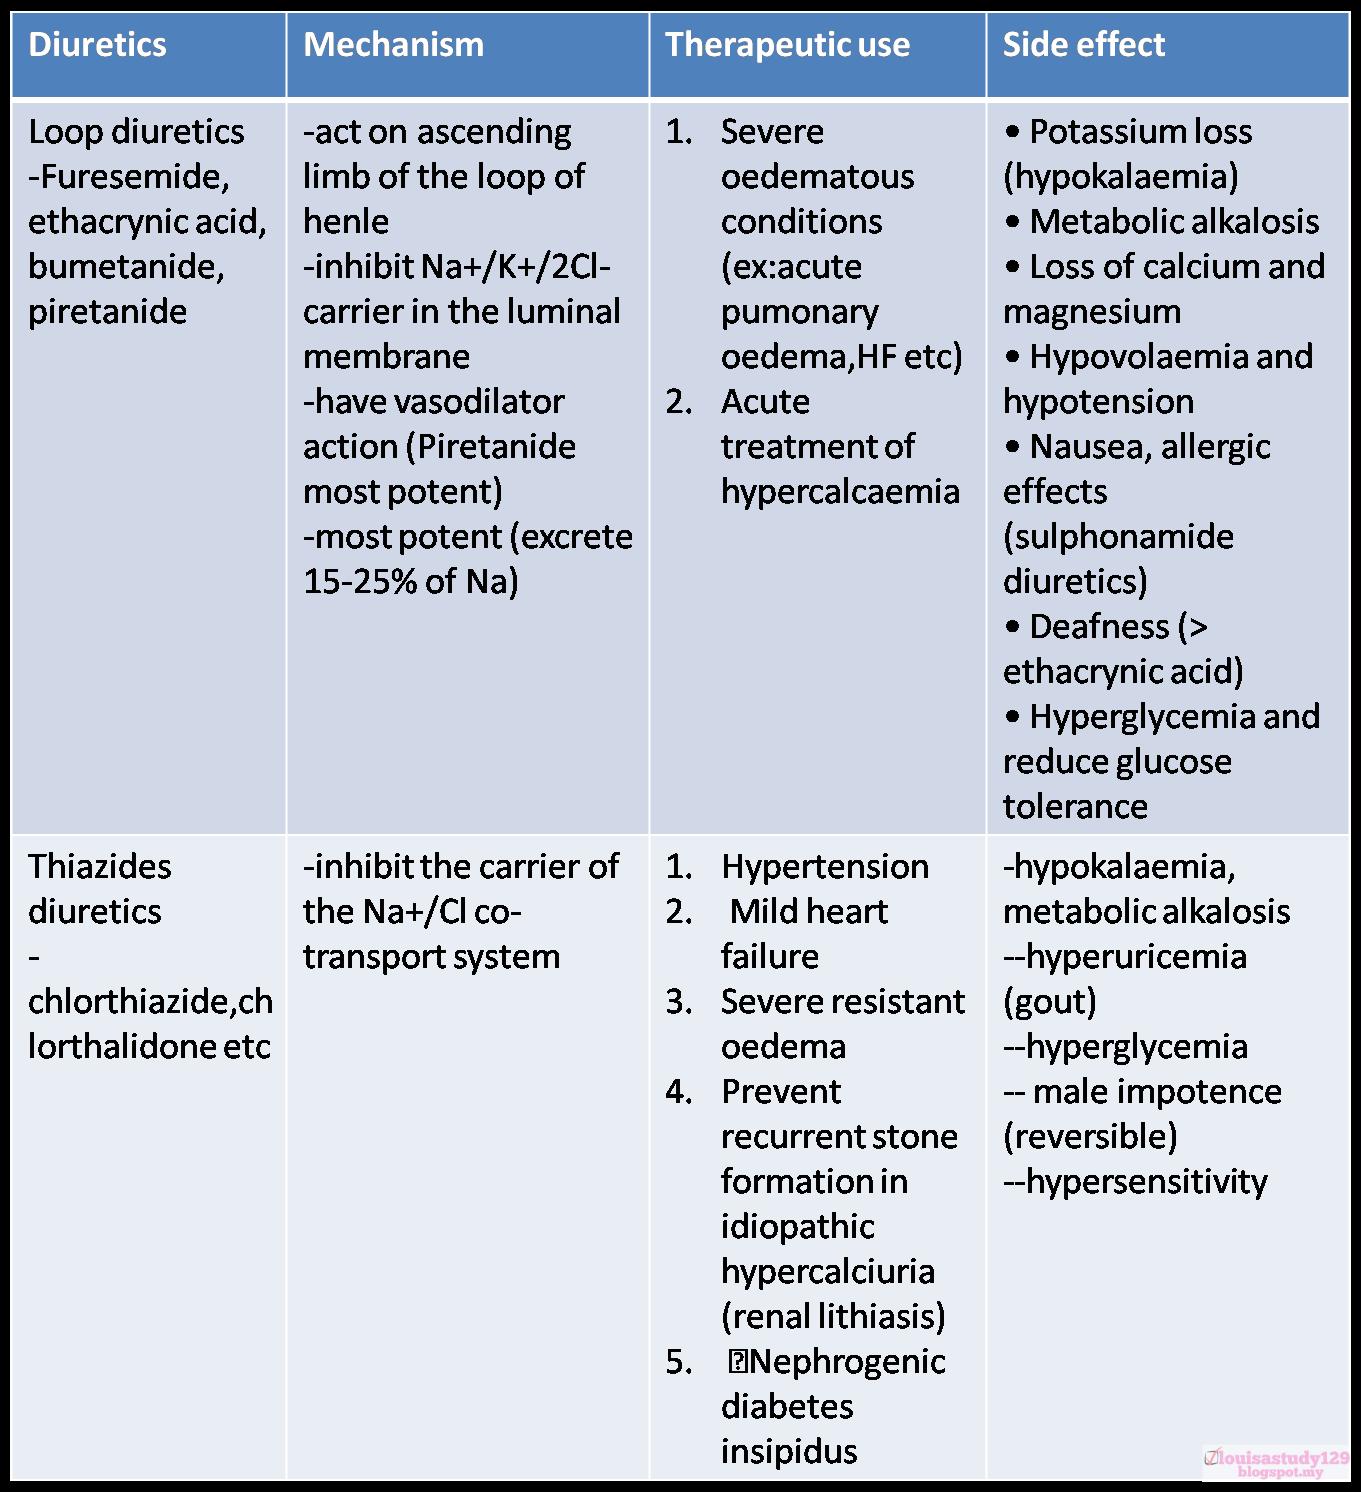 Study Pack: Diuretics